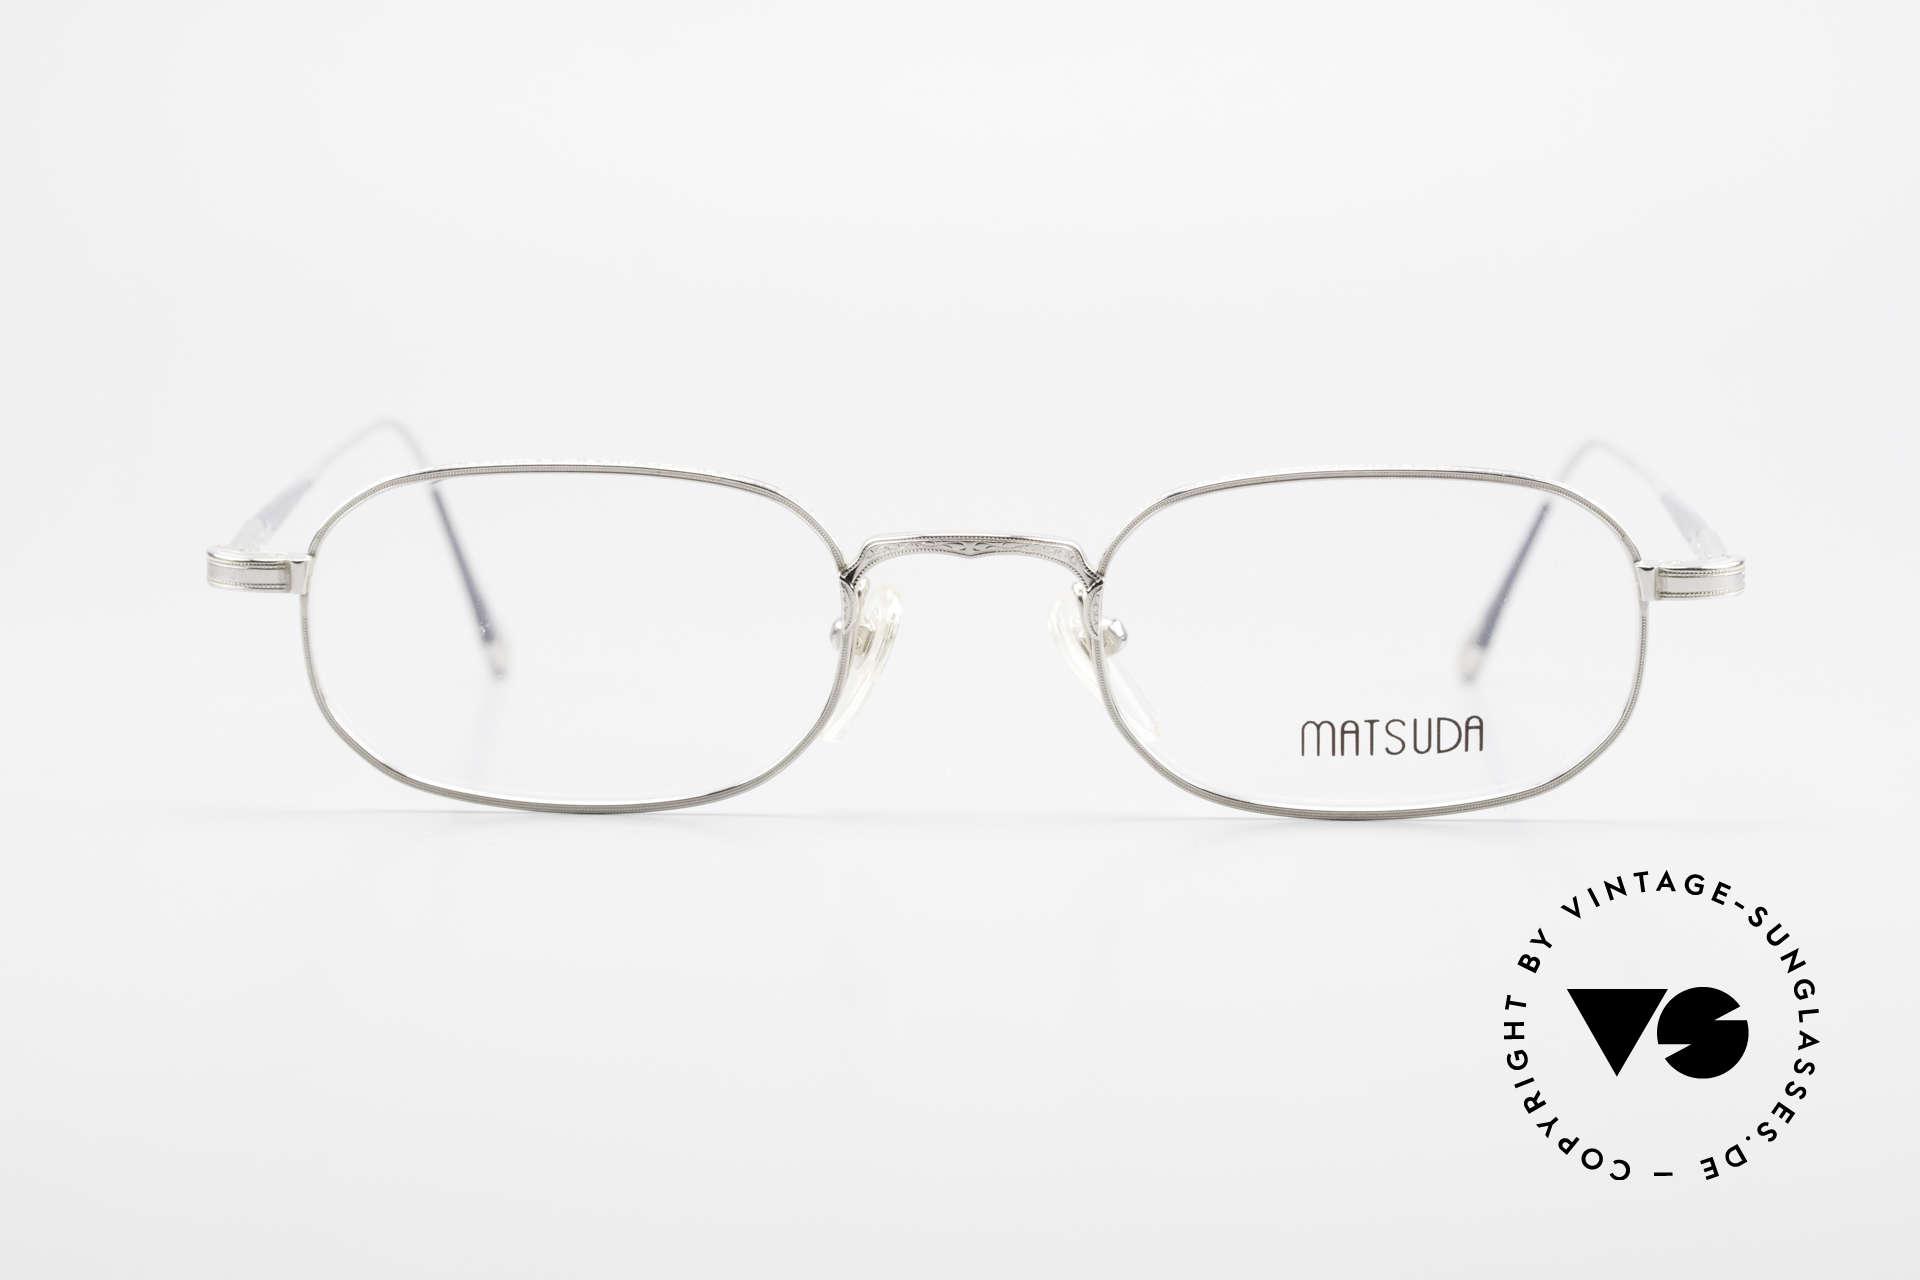 Matsuda 10108 90er Herrenbrille High End, unglaublich hochwertige Fassung mit Liebe zum Detail, Passend für Herren